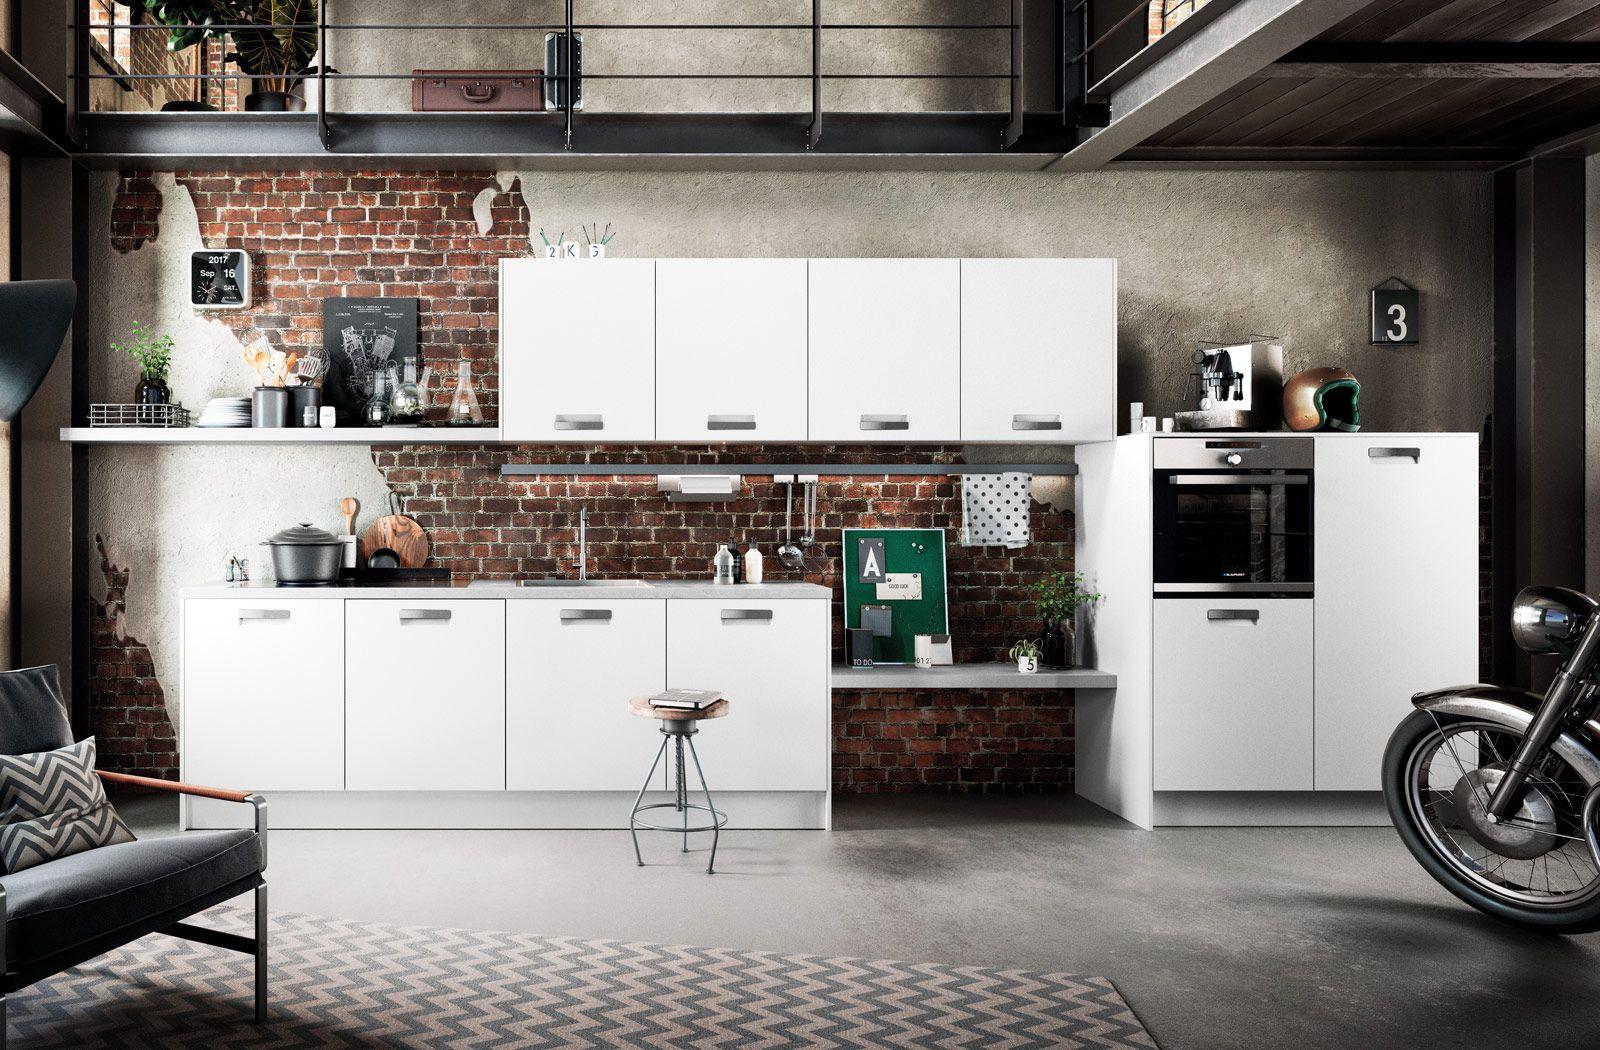 Küchenideen 2018 weiß classicart  häcker küchen  biała kuchnia  pinterest  häcker